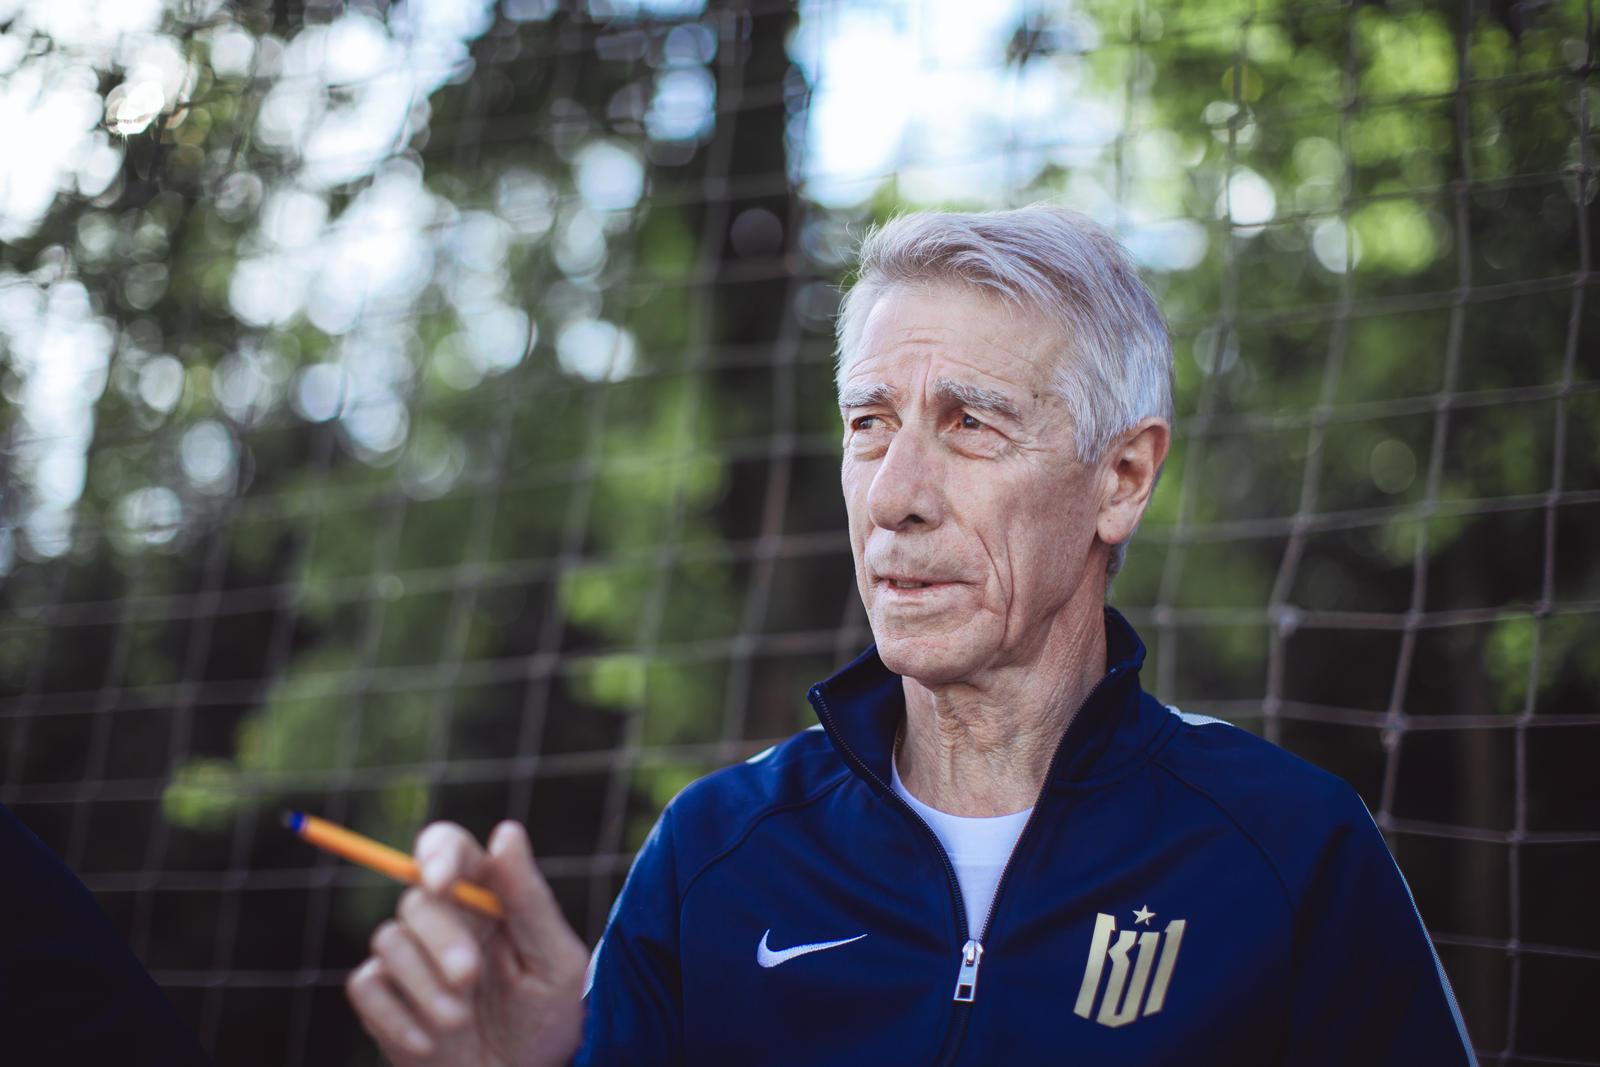 K11 head coach